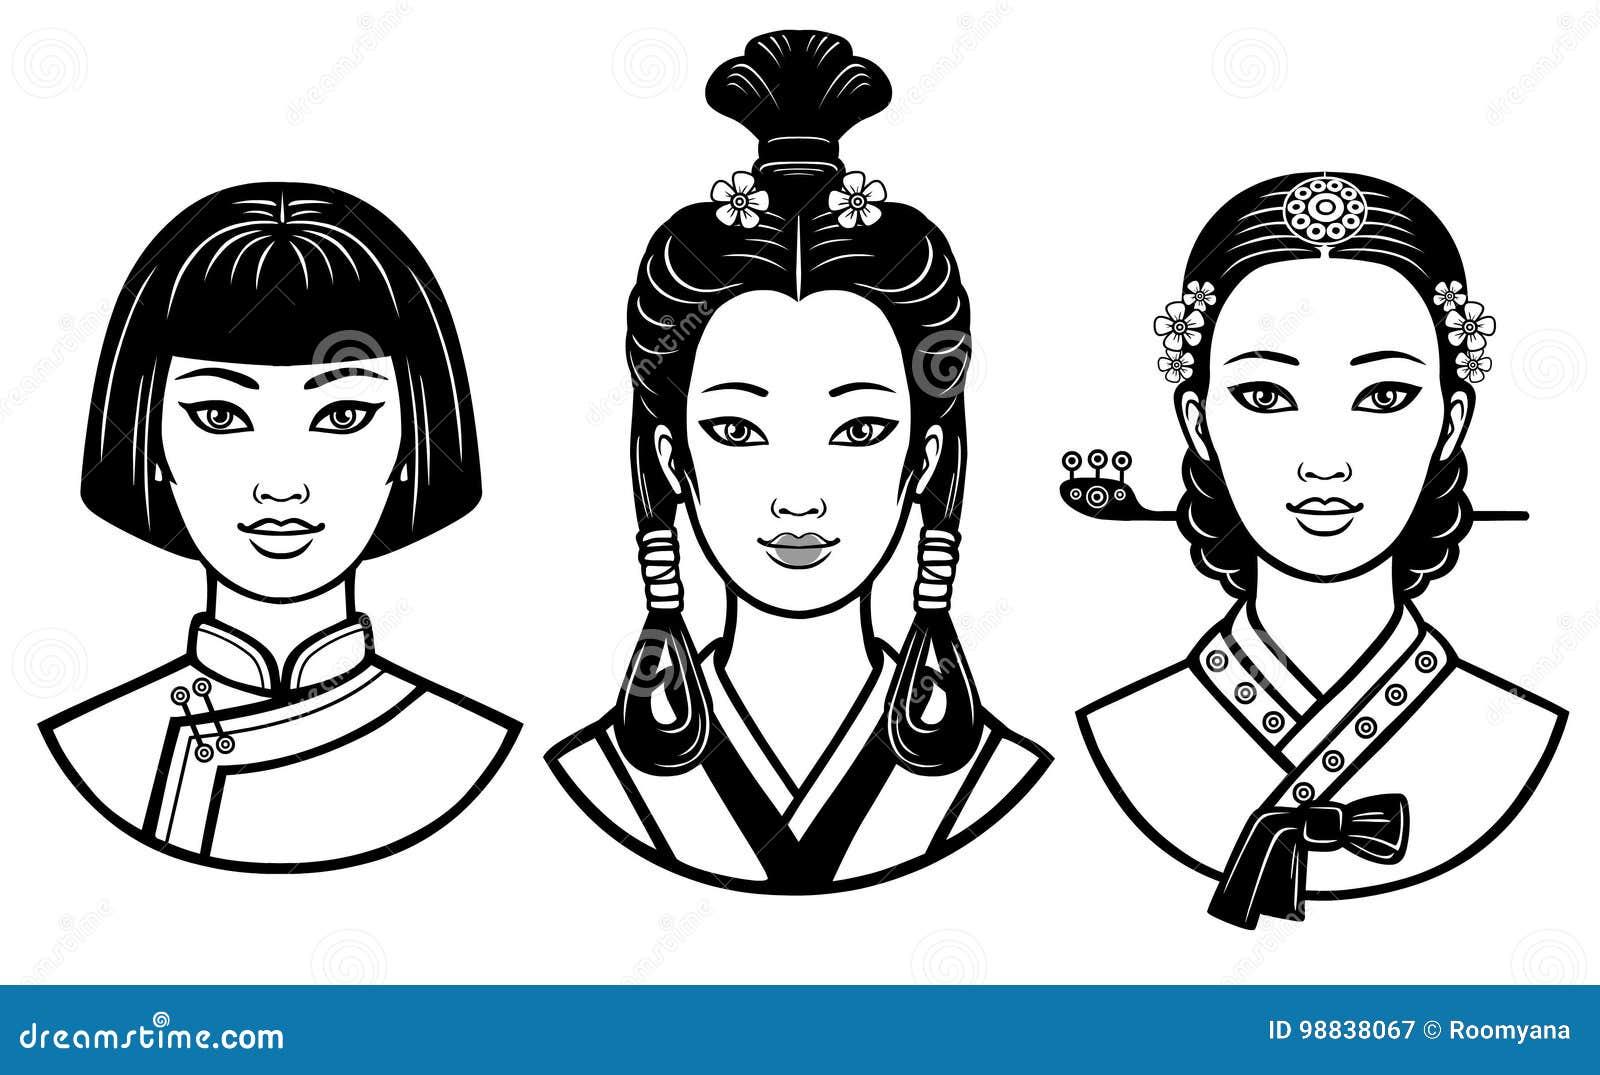 Satz Realistische Portrats Der Jungen Asiatischen Madchen Mit